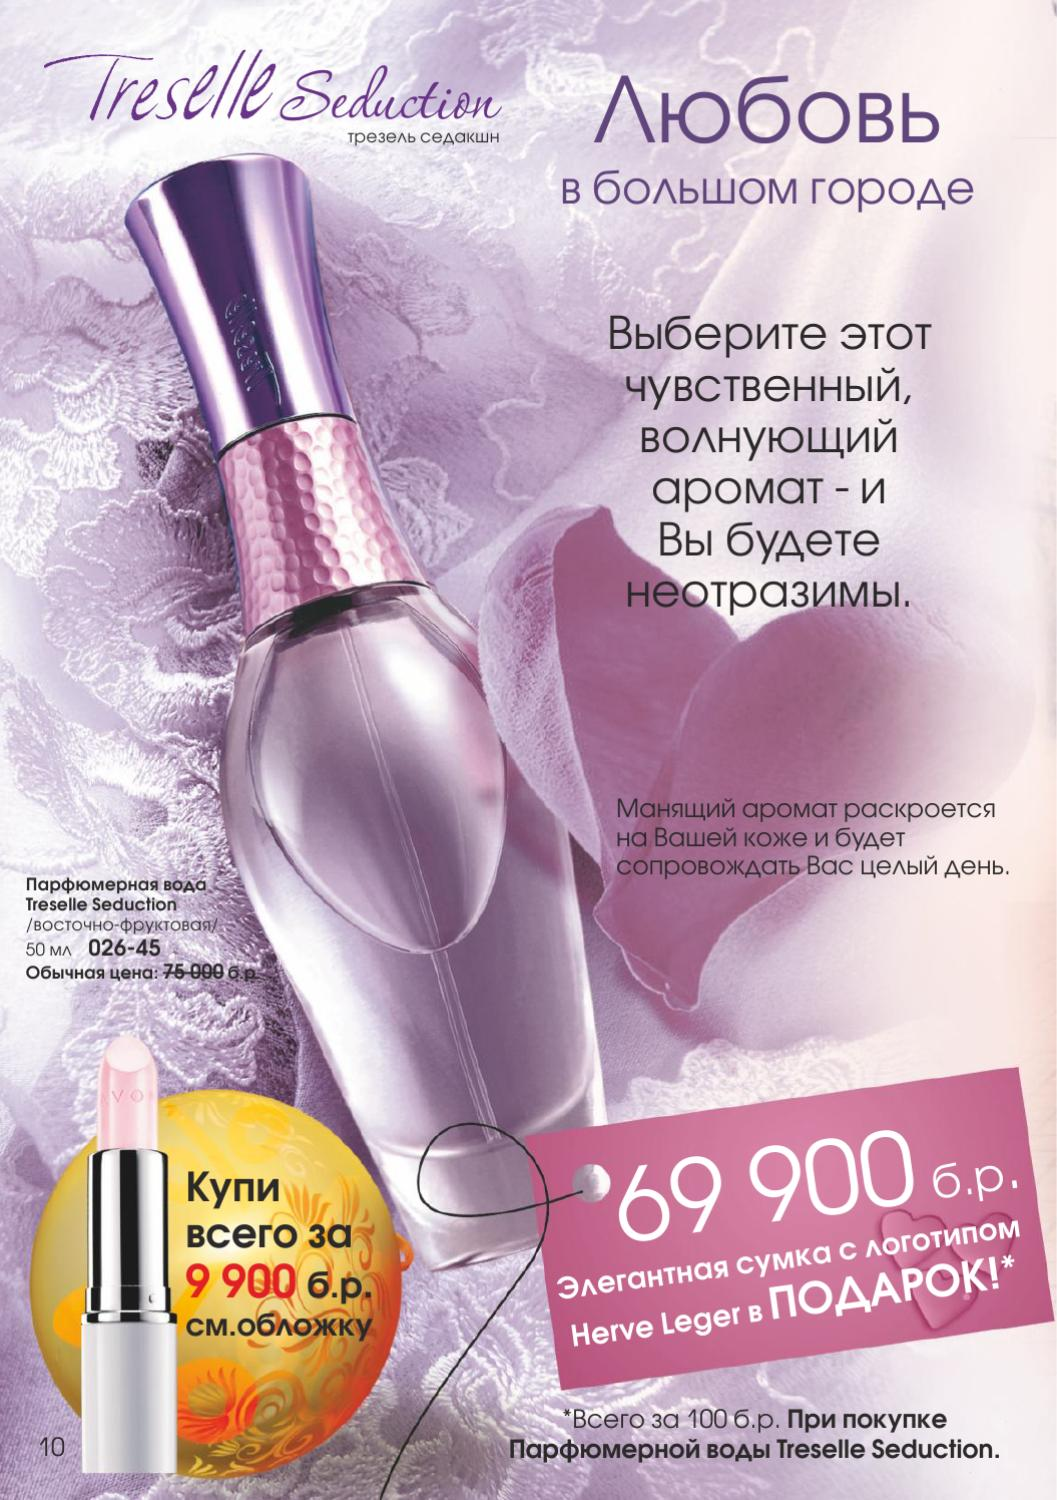 Avon коннект купить набор косметики украина